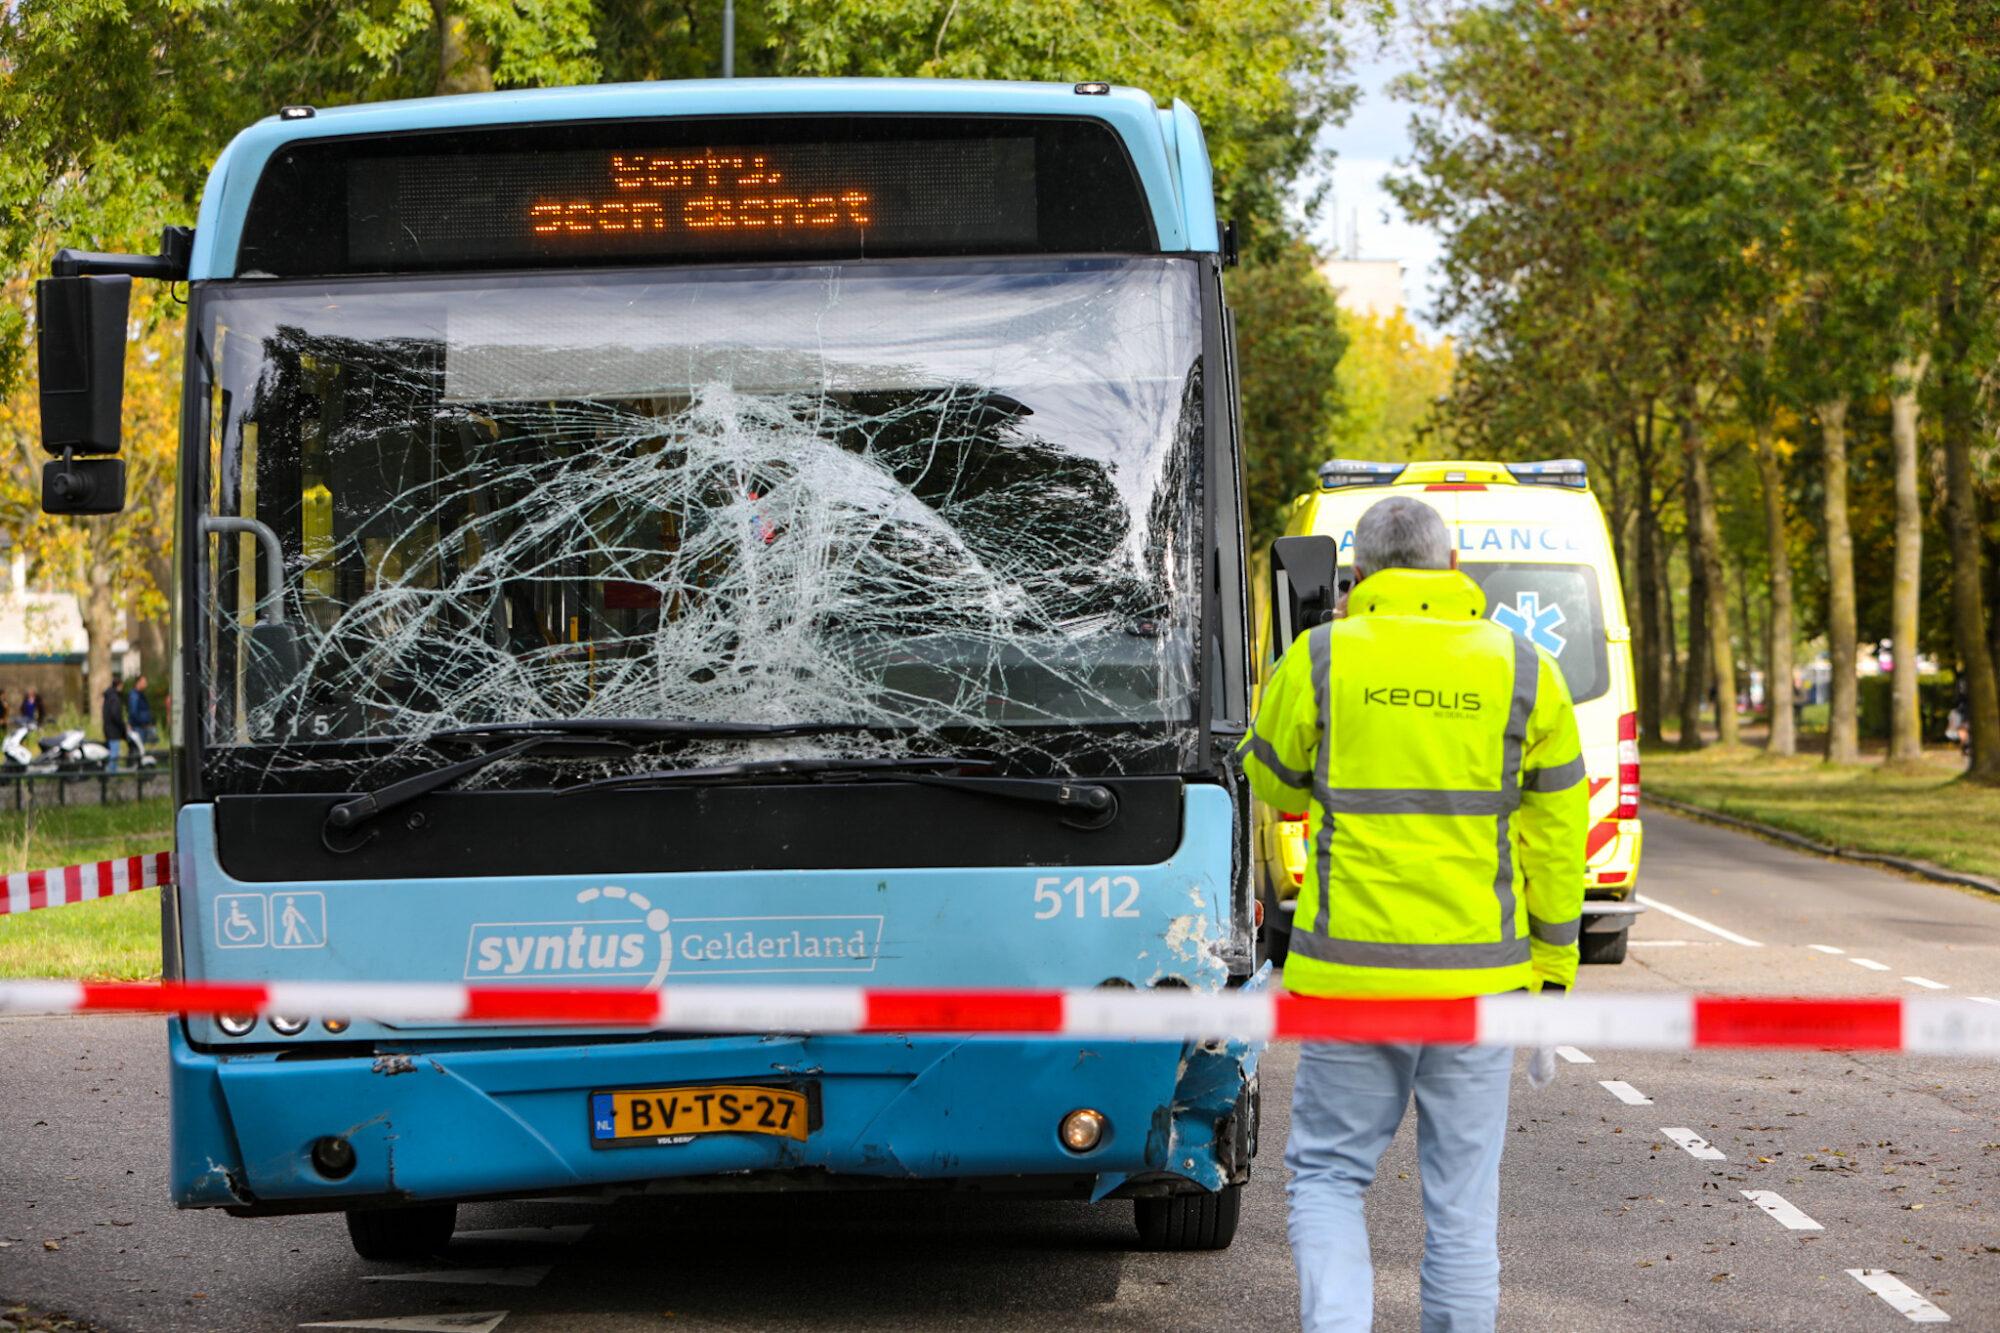 VIDEO | Personenauto botst tegen bus aan op Sluisoordlaan in Apeldoorn